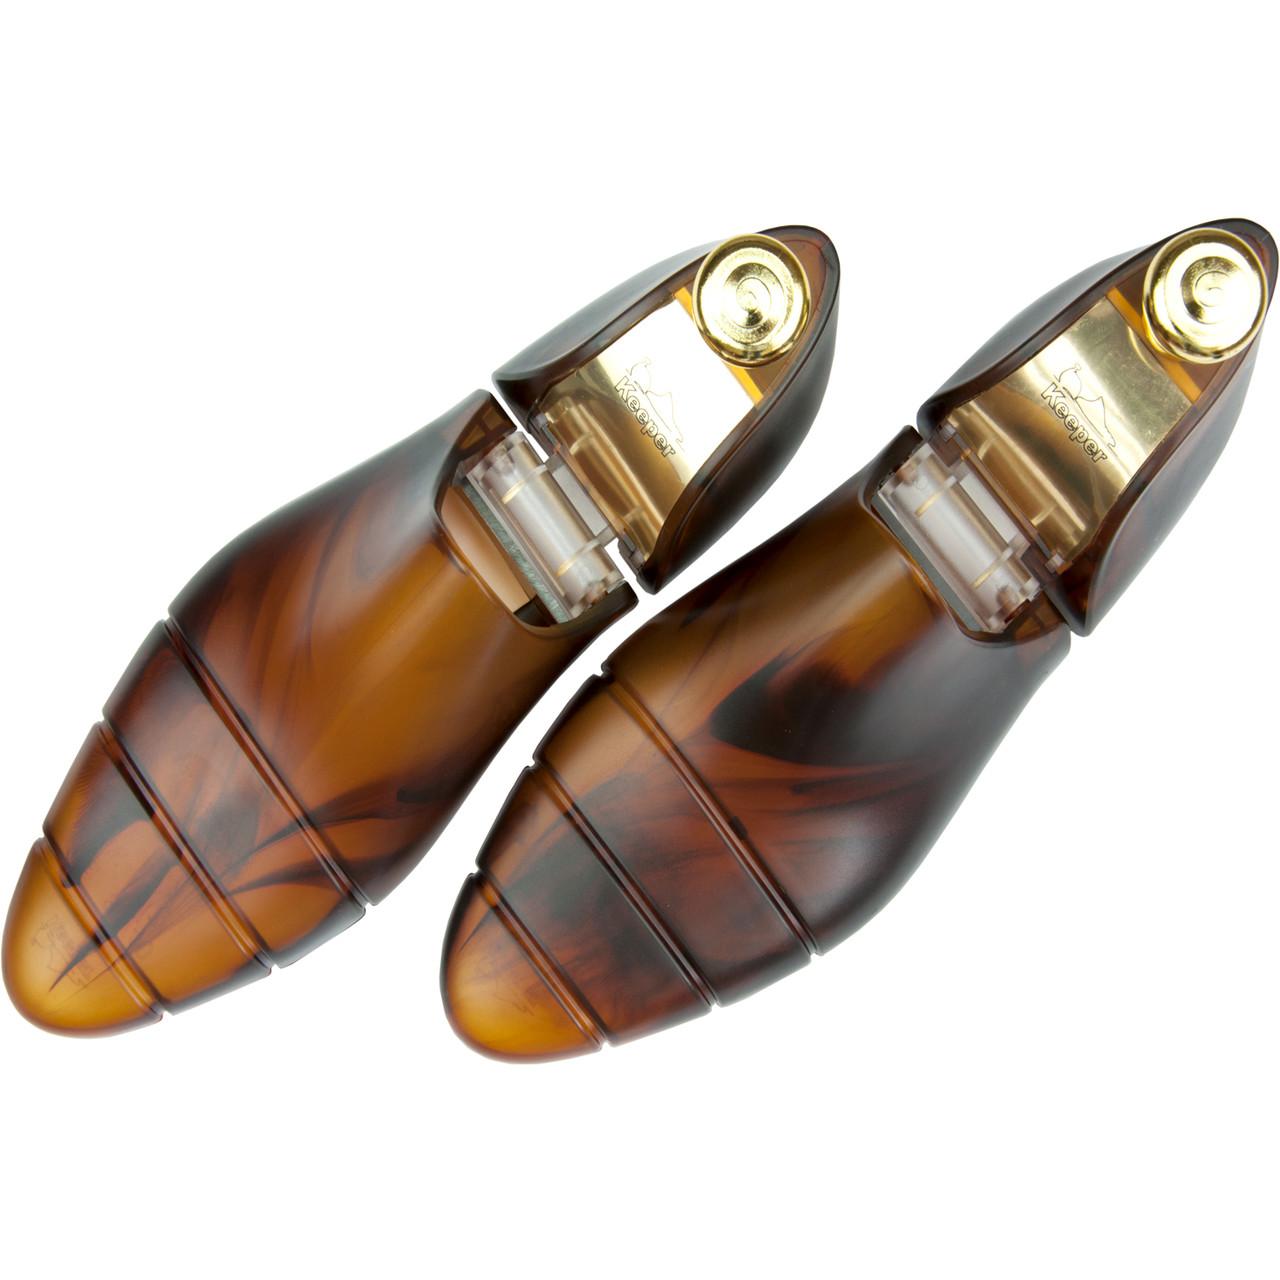 Колодки для обуви пластиковые GT Lux